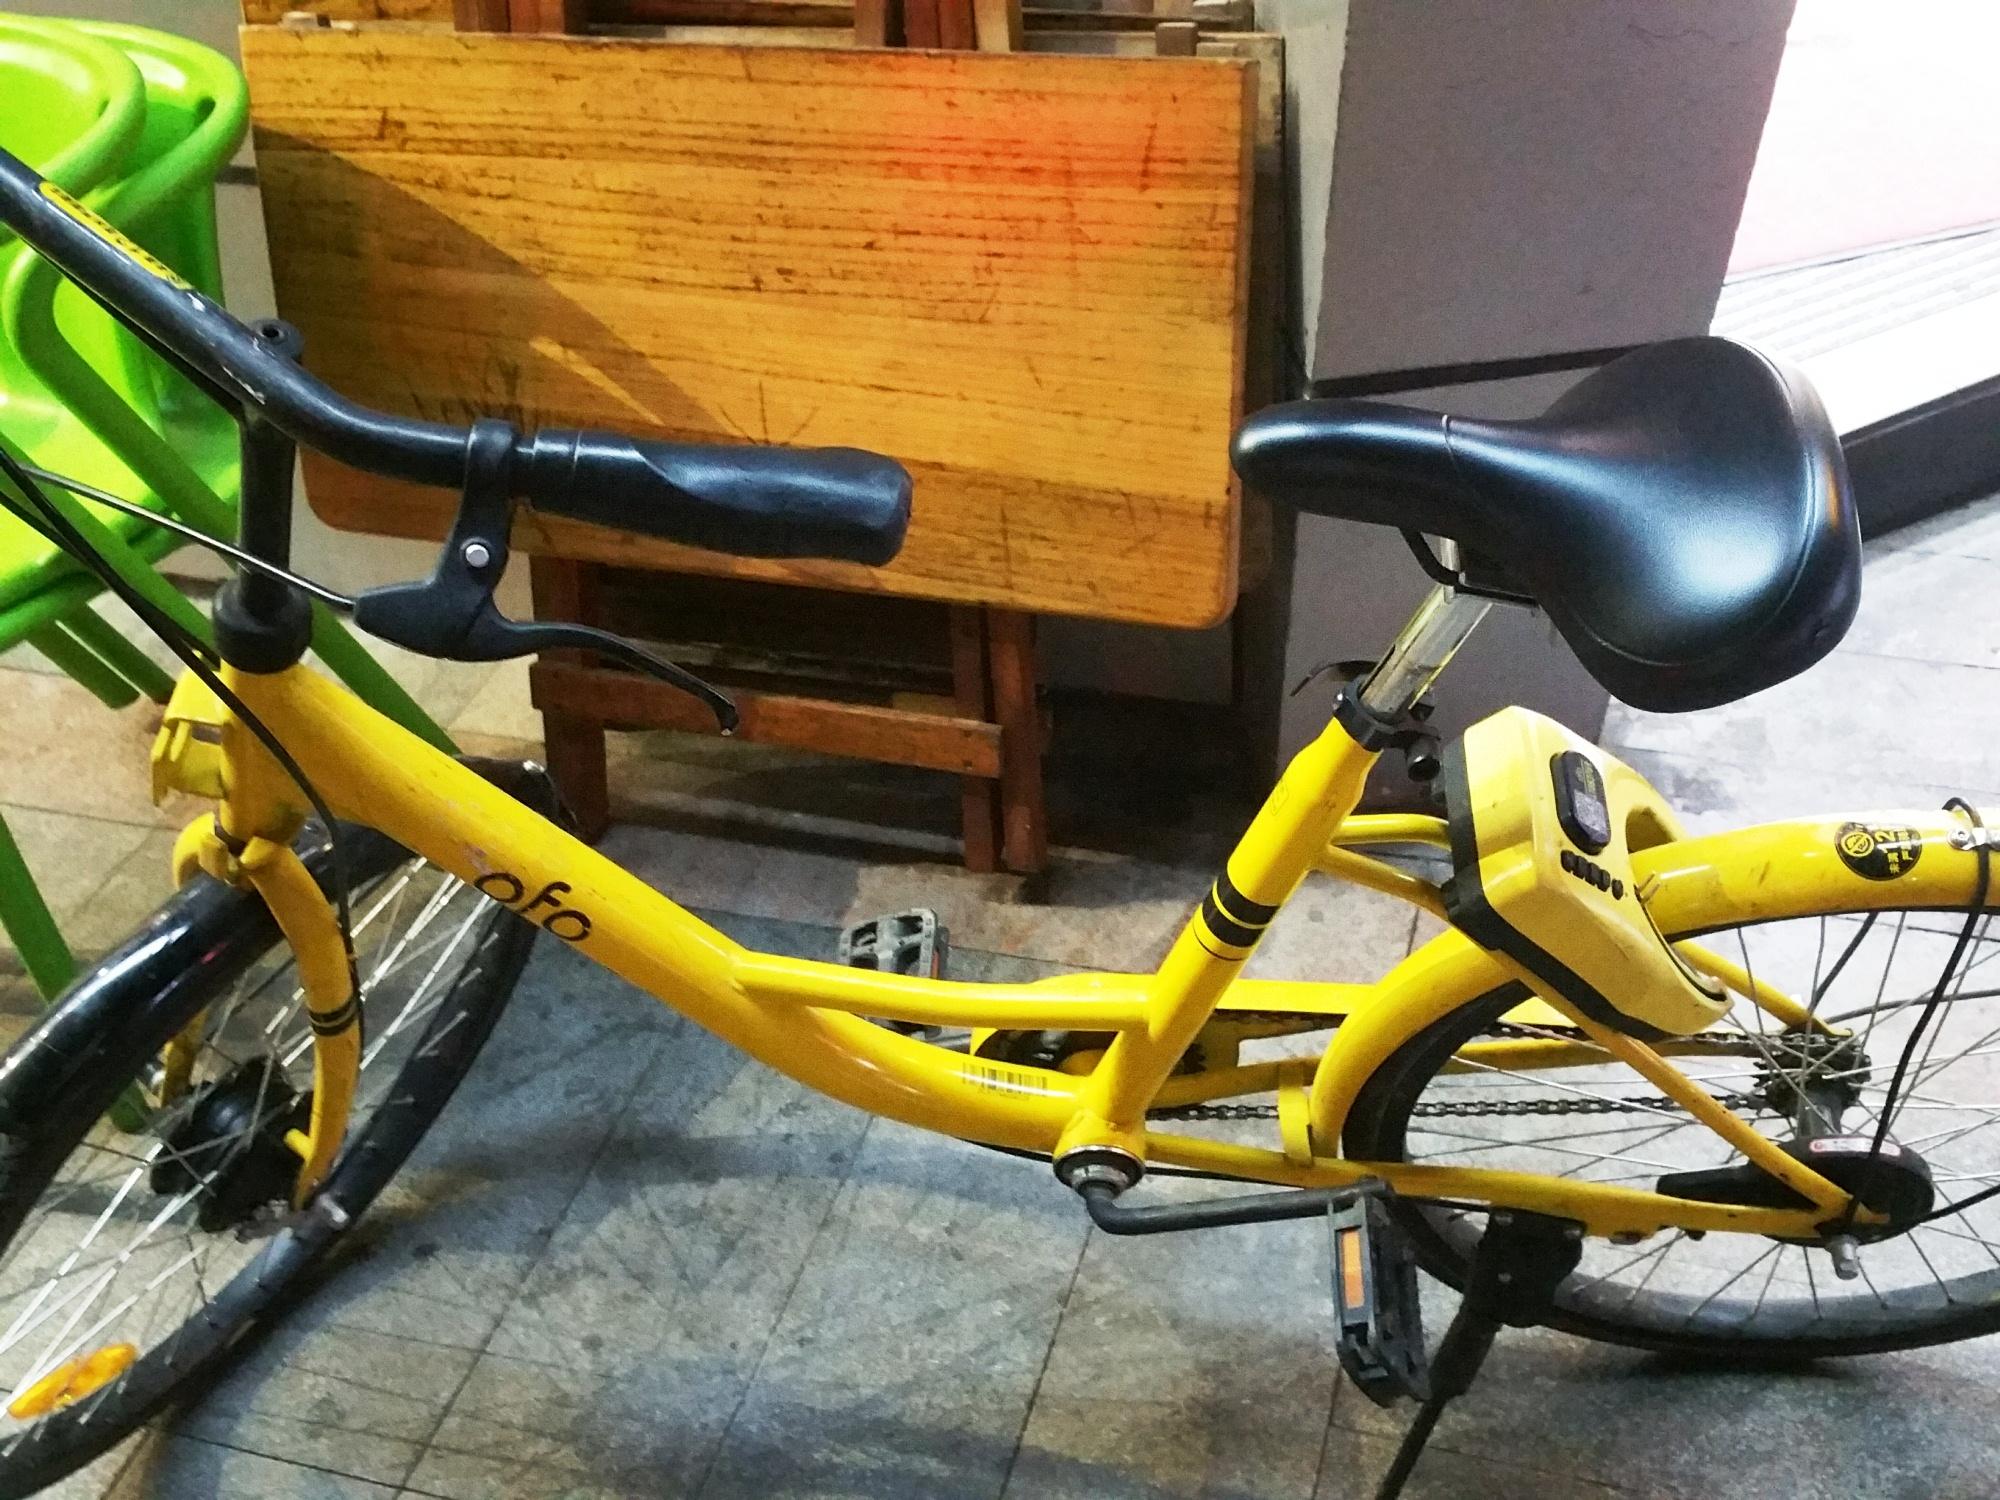 ofo(オフォ)のレンタル自転車